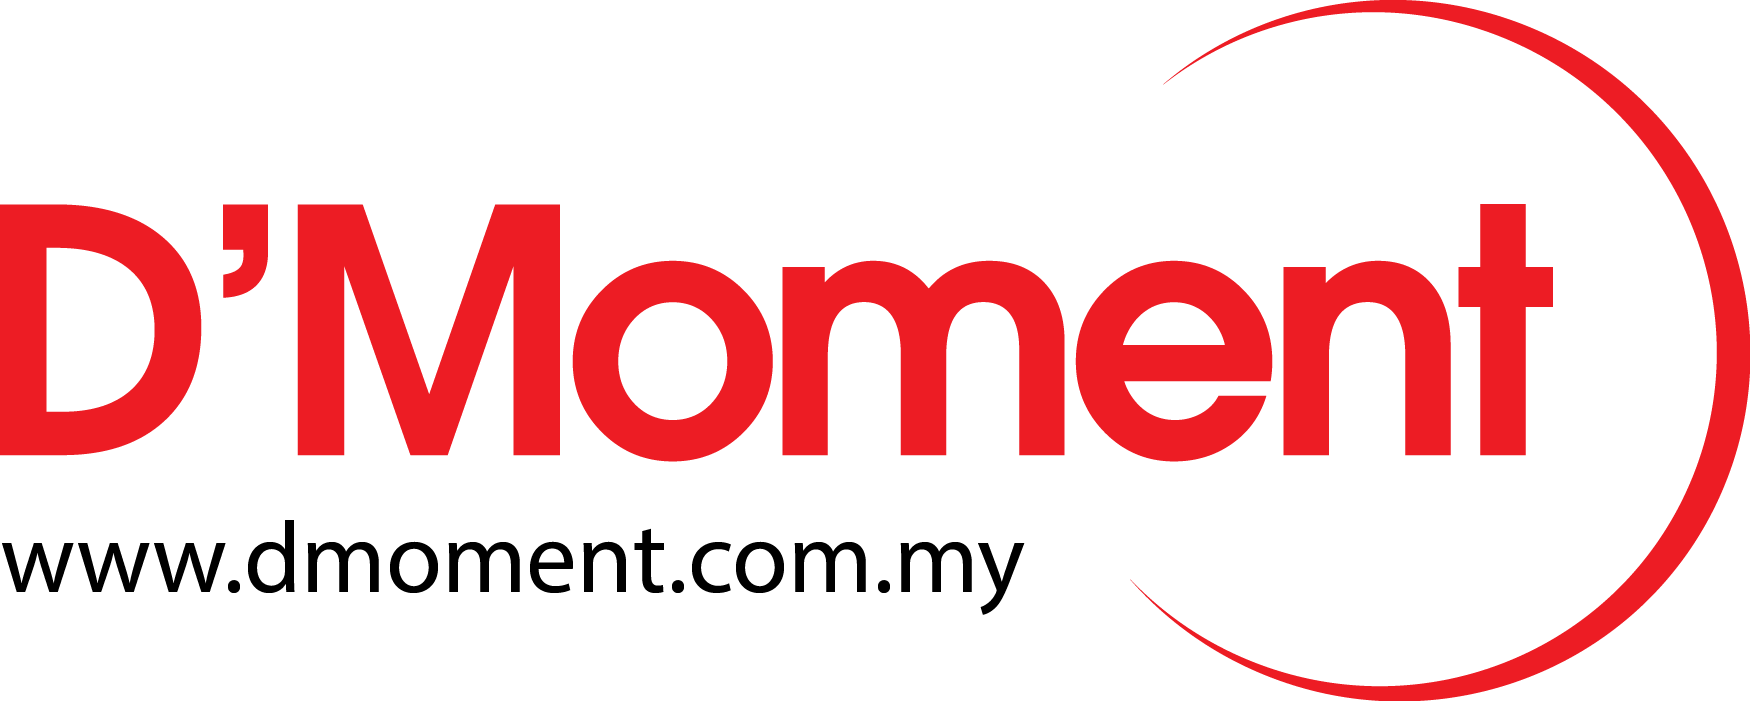 DMoment